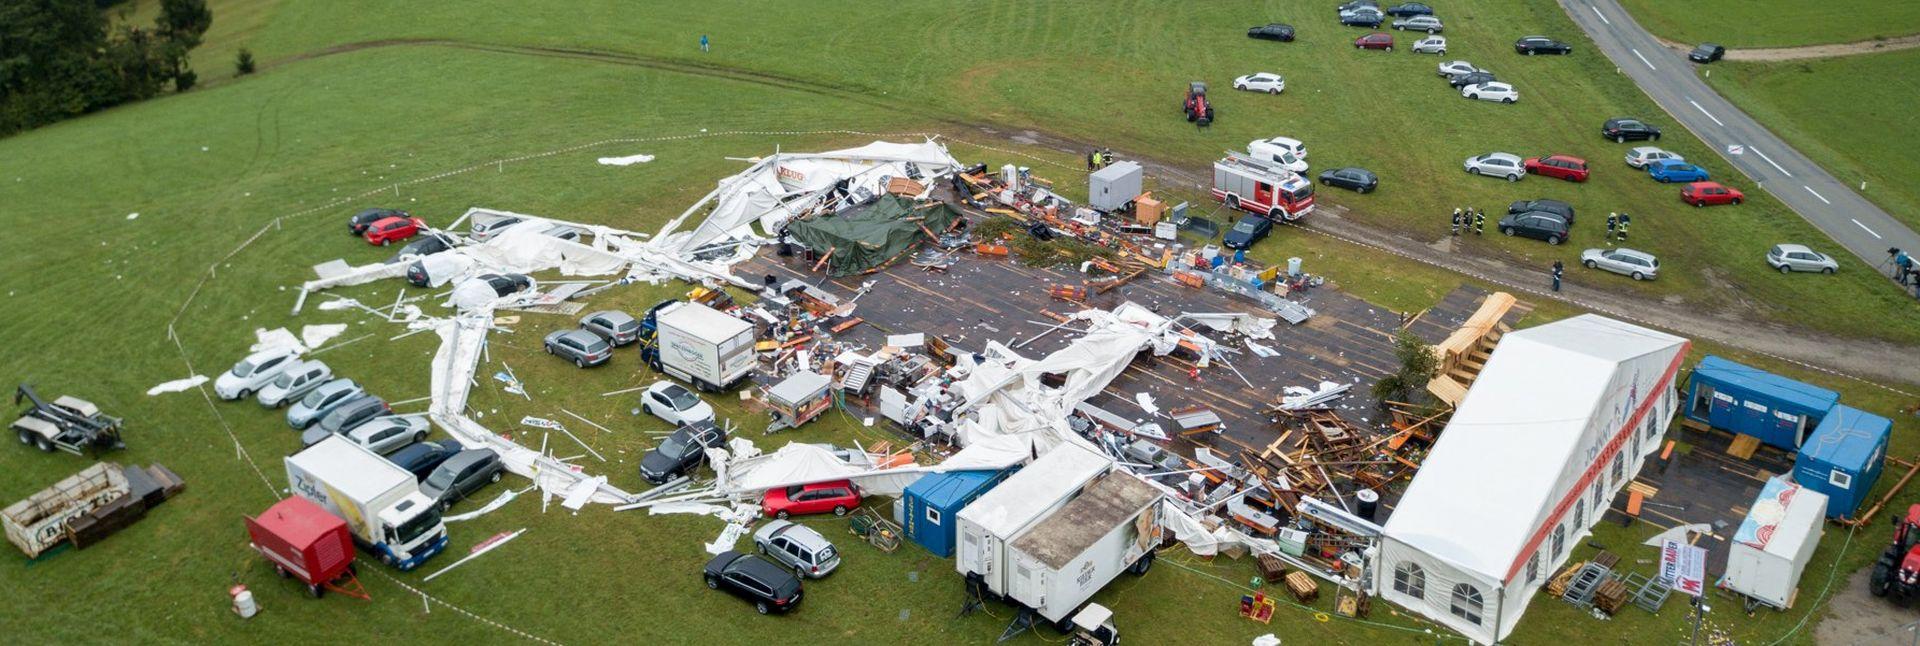 FATALNA VATROGASNA ZABAVA Dvoje mrtvih i 120 ranjenih u snažnoj oluji u Austriji